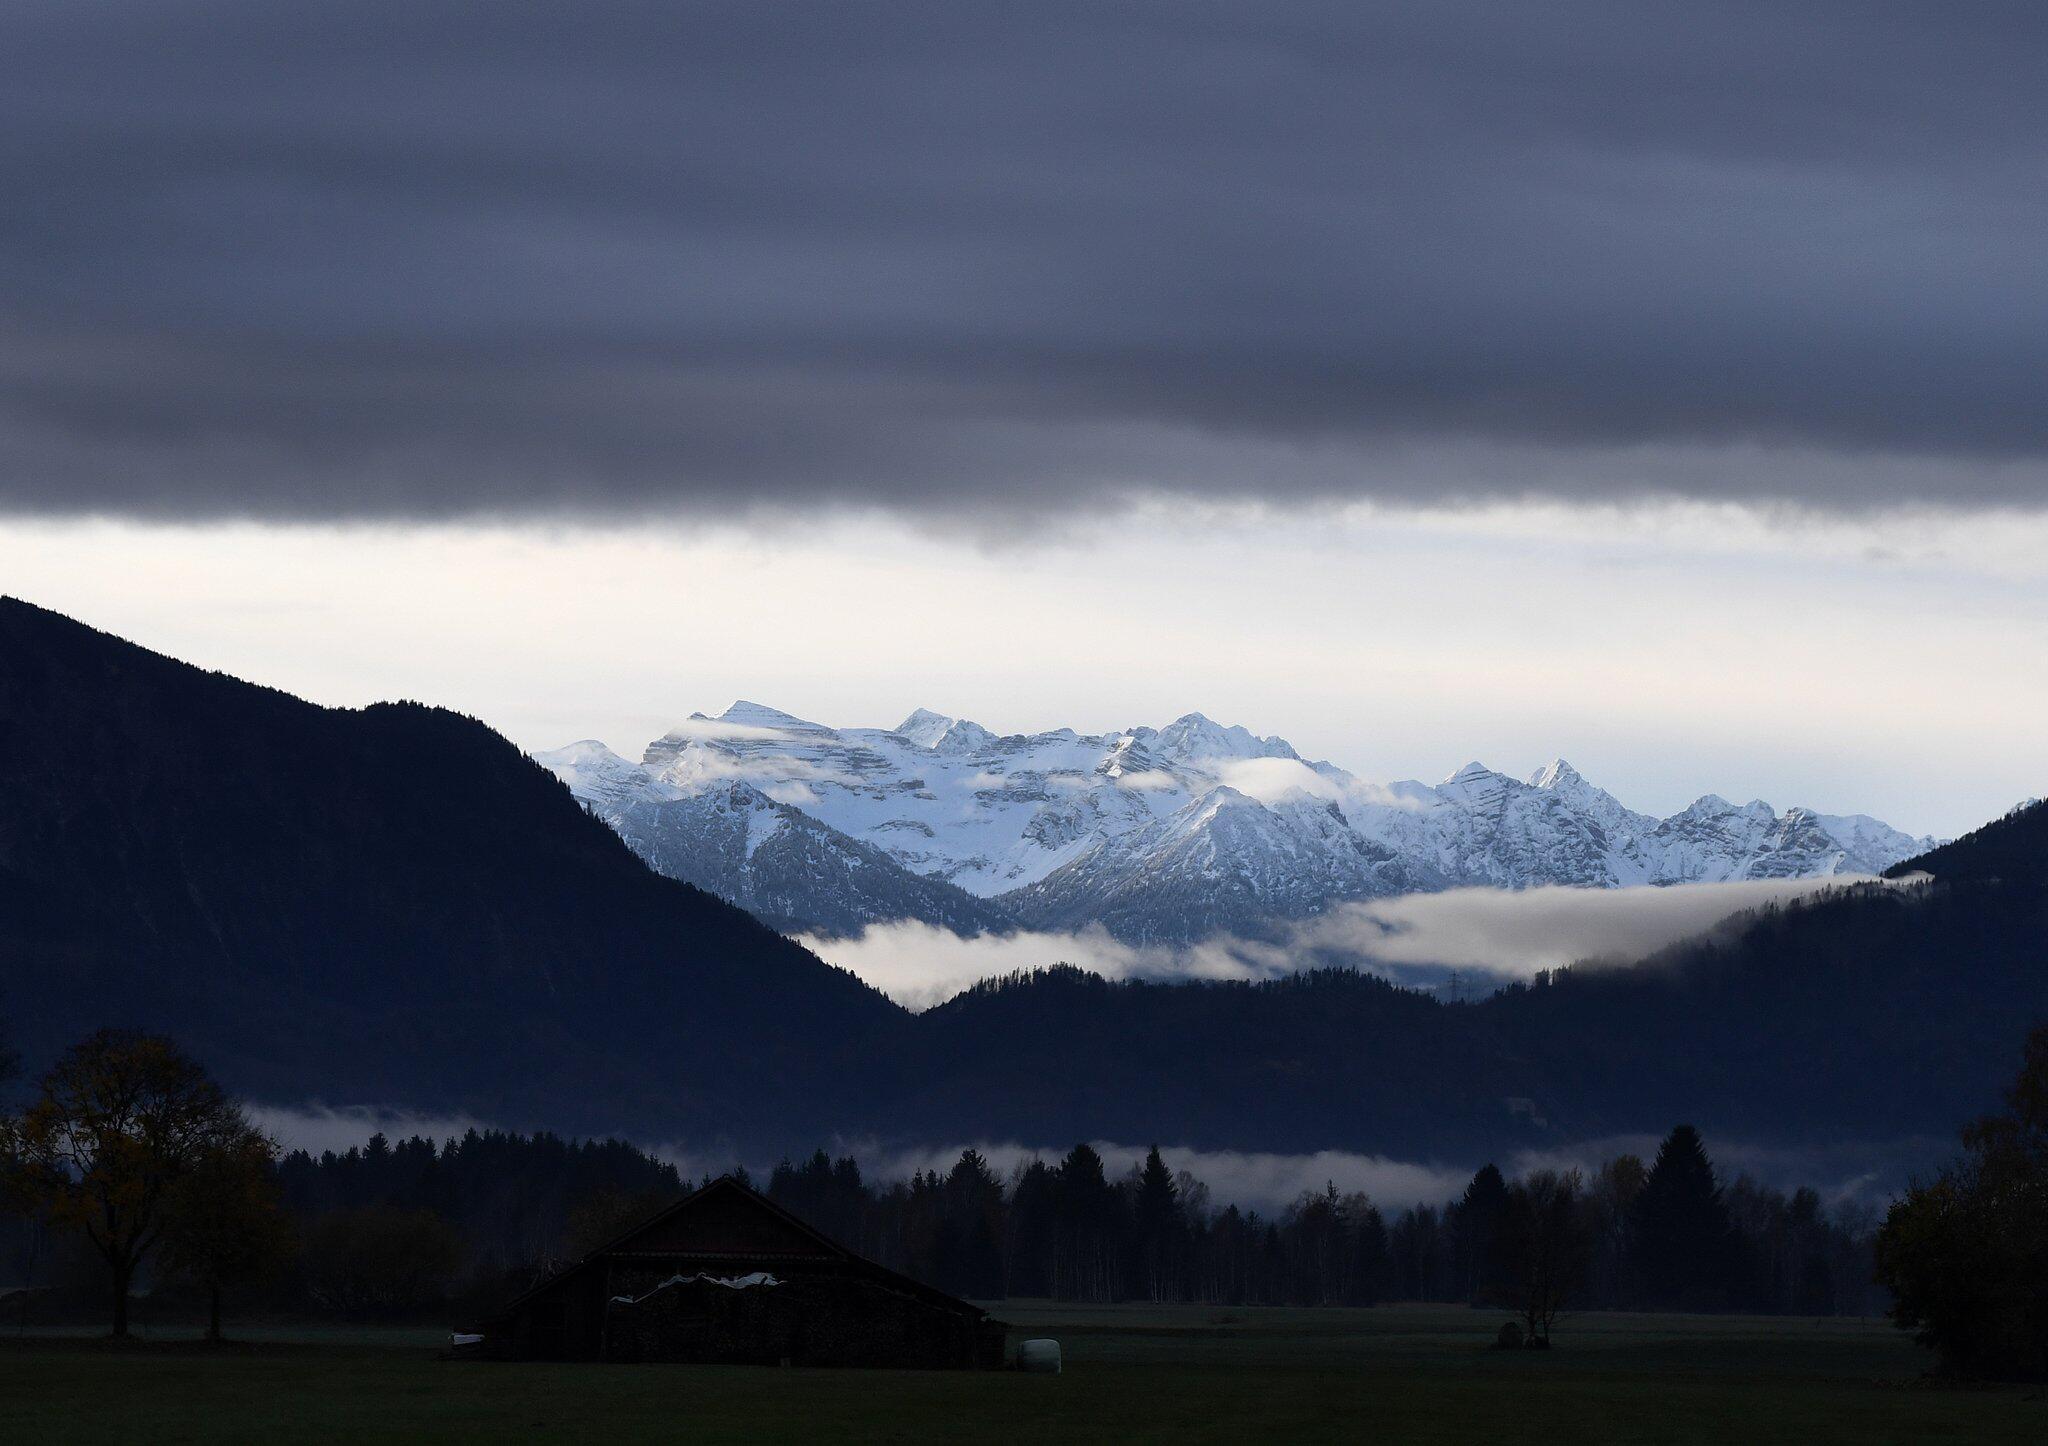 Bild zu Morgenstimmung in den Bergen